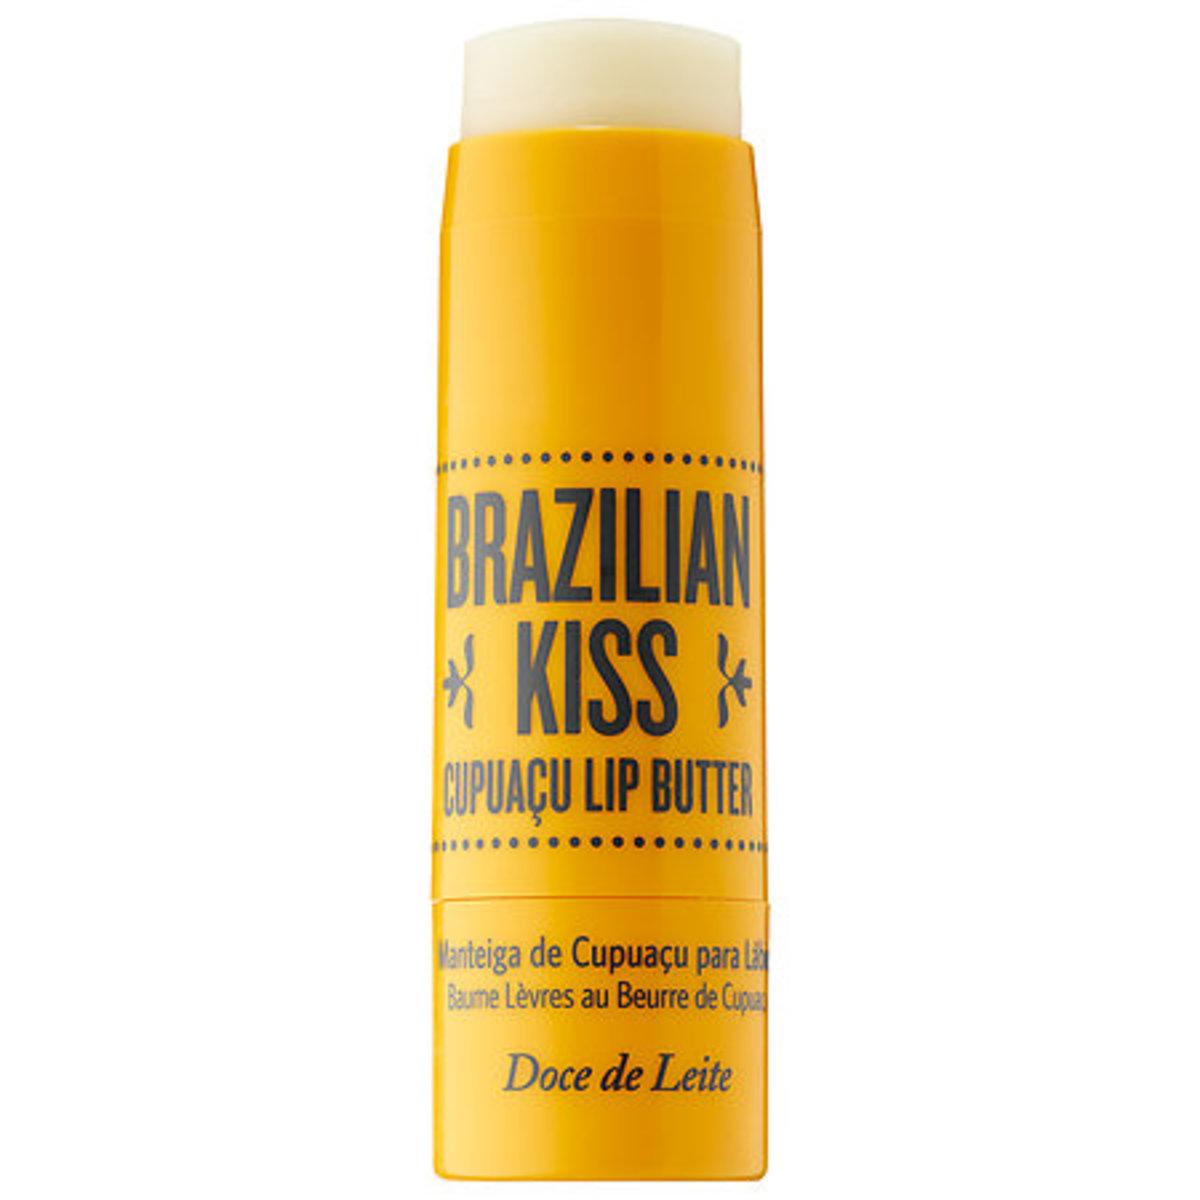 Sol de Janeiro Brazilian Kiss Cupuaçu Lip Butter, $18, available at Sephora. Photo: Courtesy of Sol de Janeiro